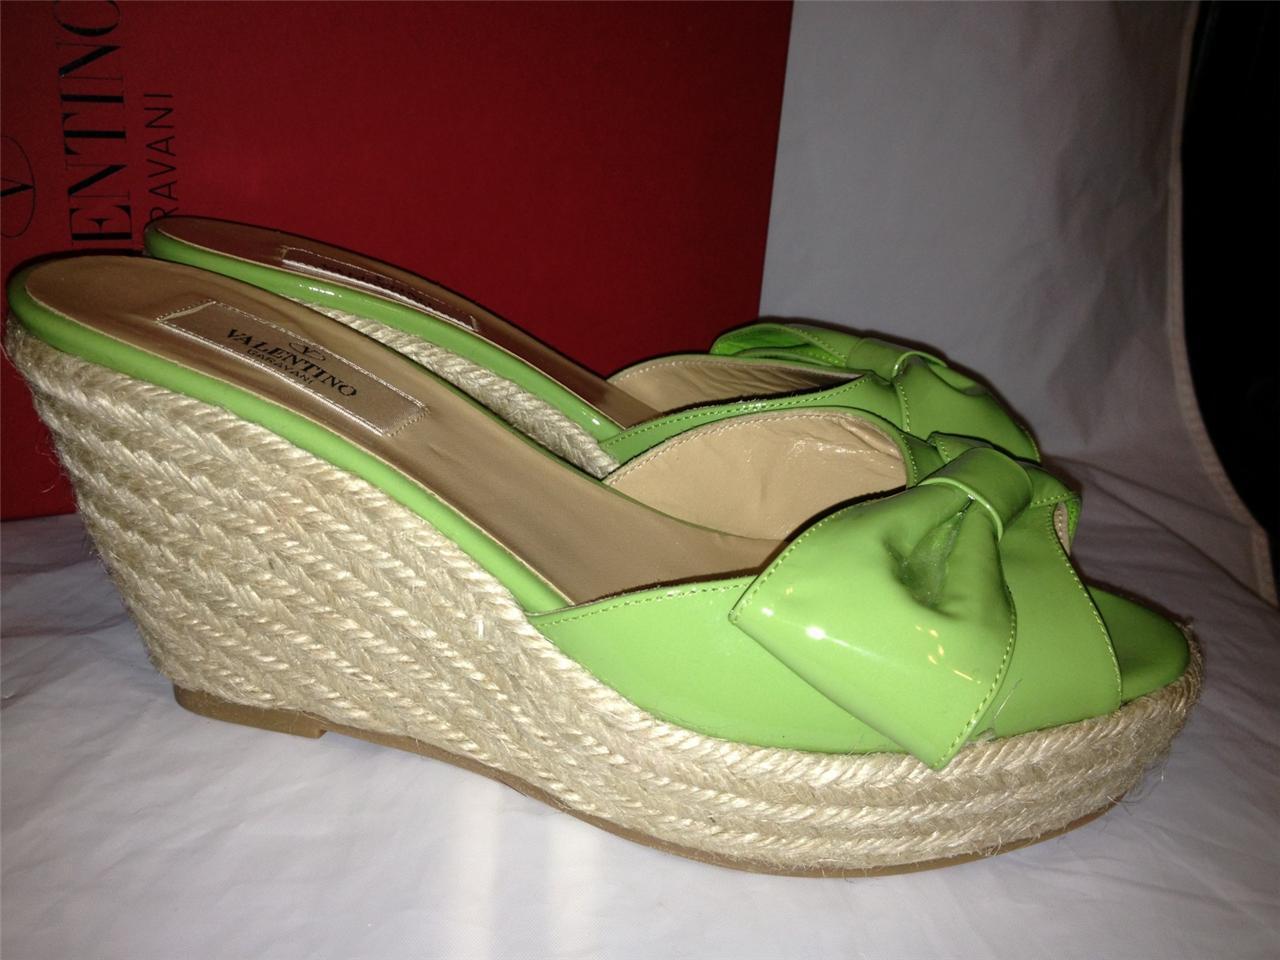 qualità di prima classe Valentino Patent Patent Patent Leather Mena Bow Espadrille Wedge Platform Sandal scarpe  395  offrendo il 100%